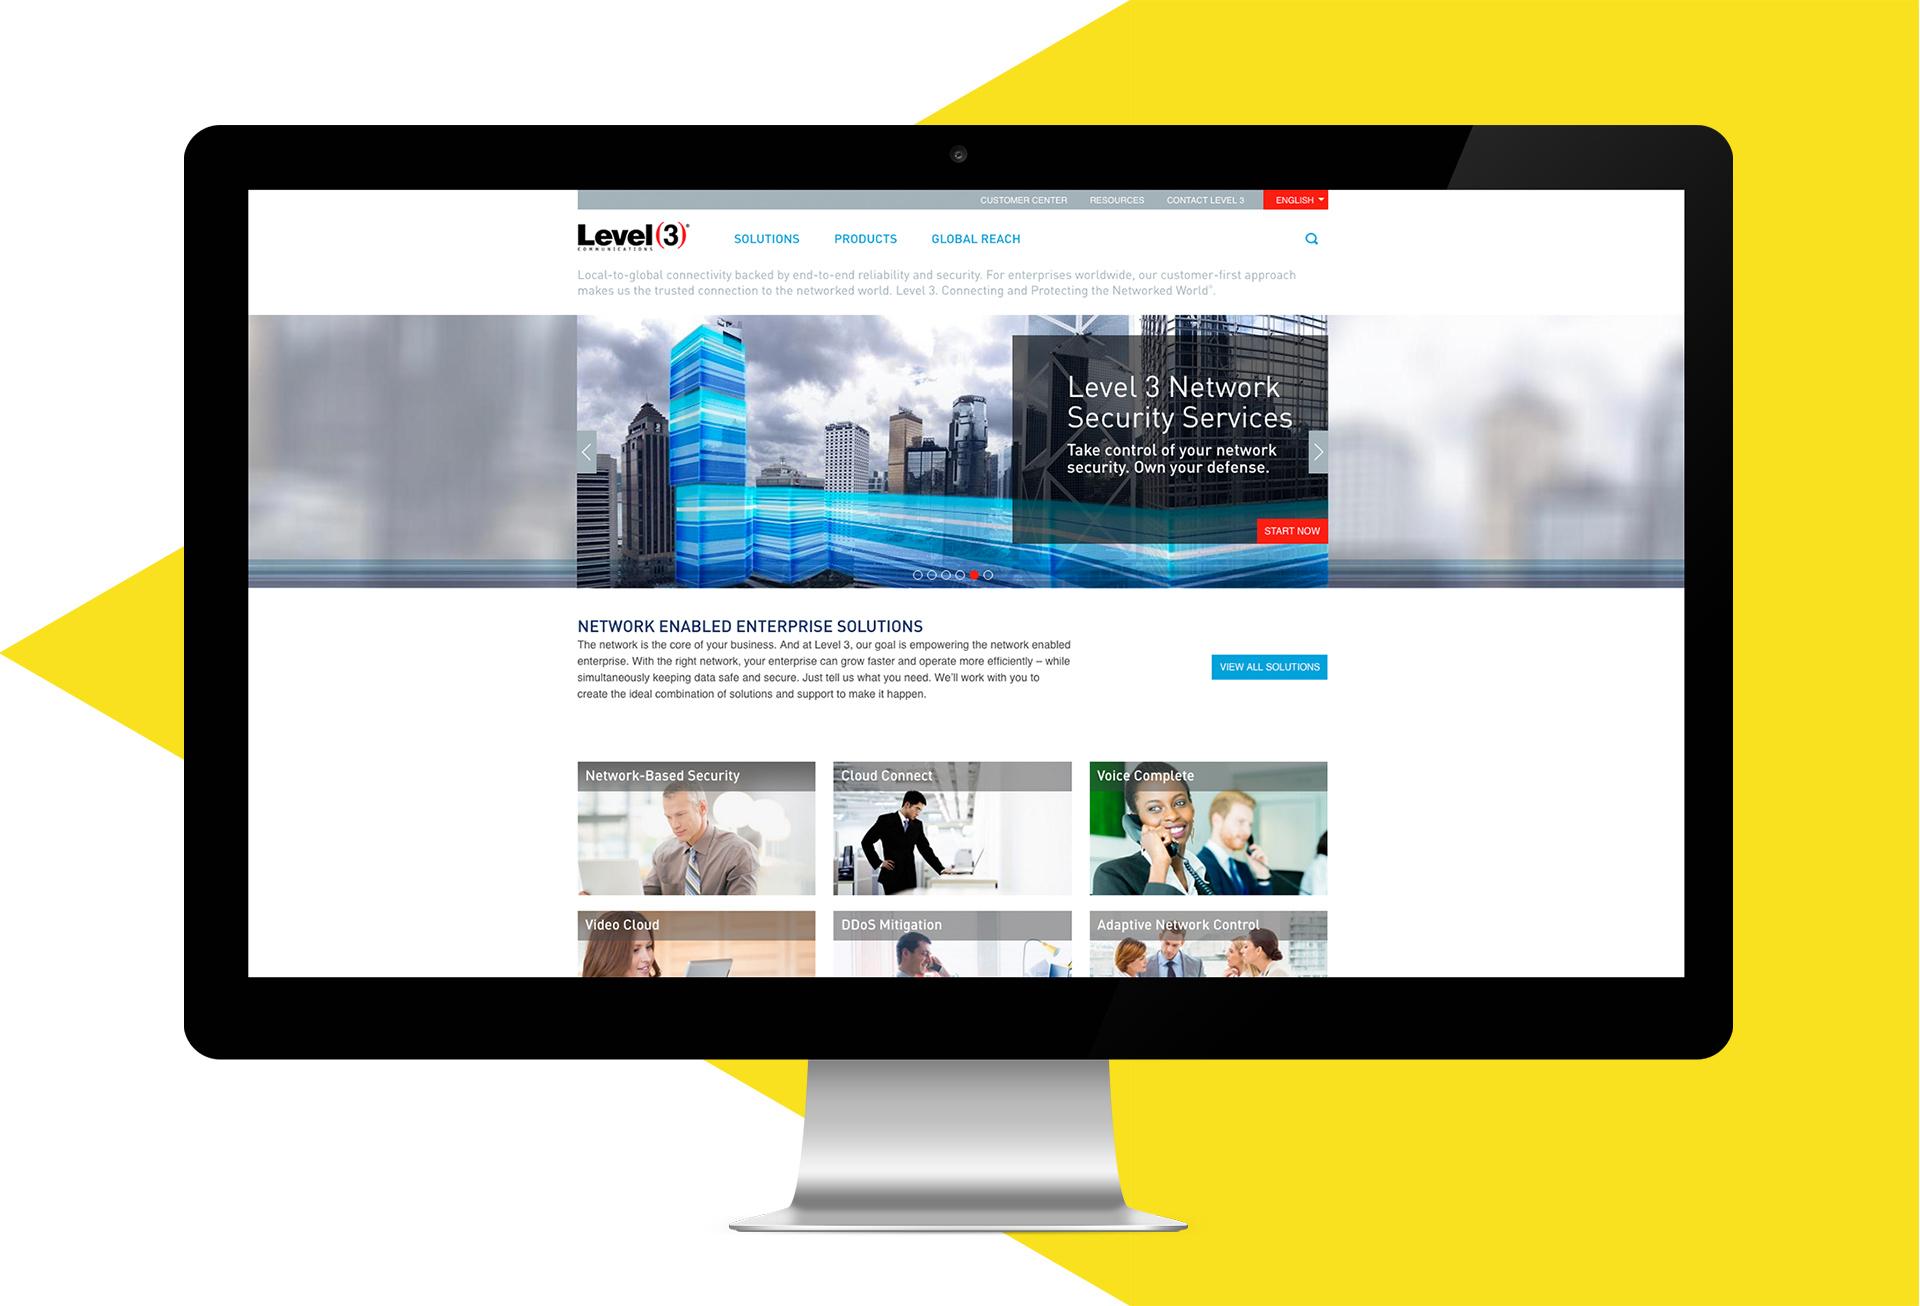 Level3-Website-Mockup